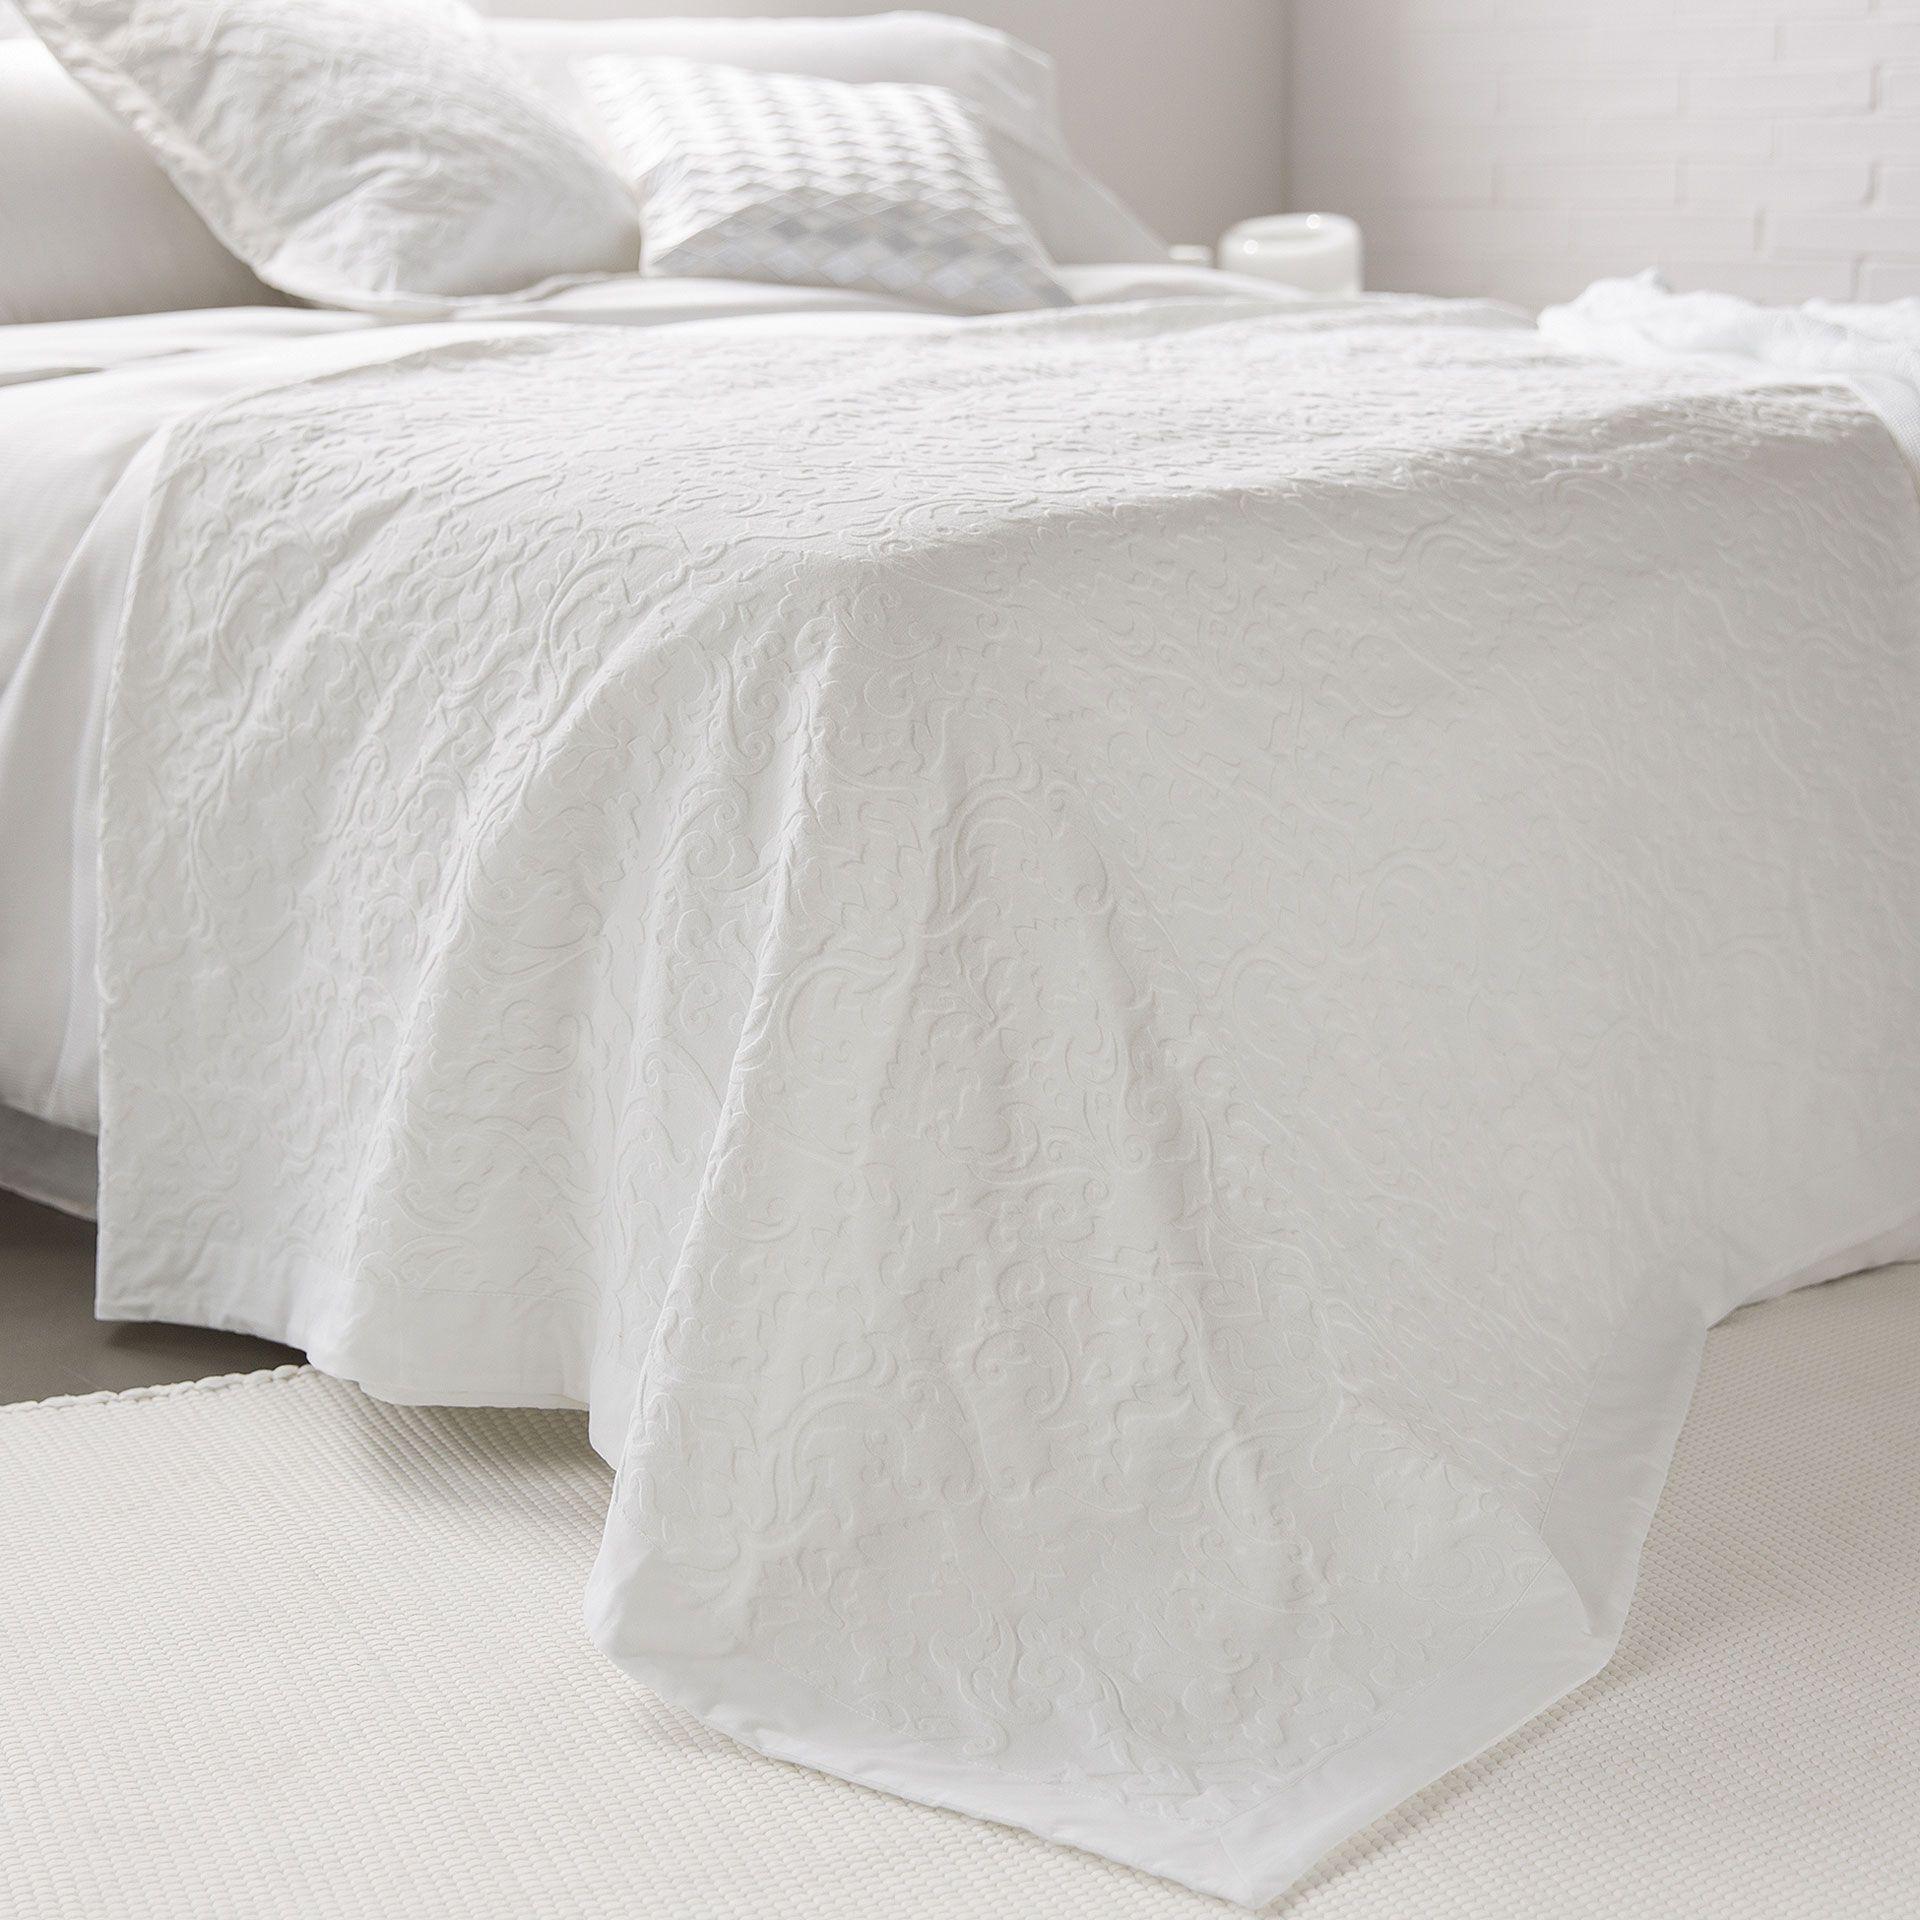 Tagesdecke Und Kissenbezug Aus Baumwolle Mit Damastprint Und